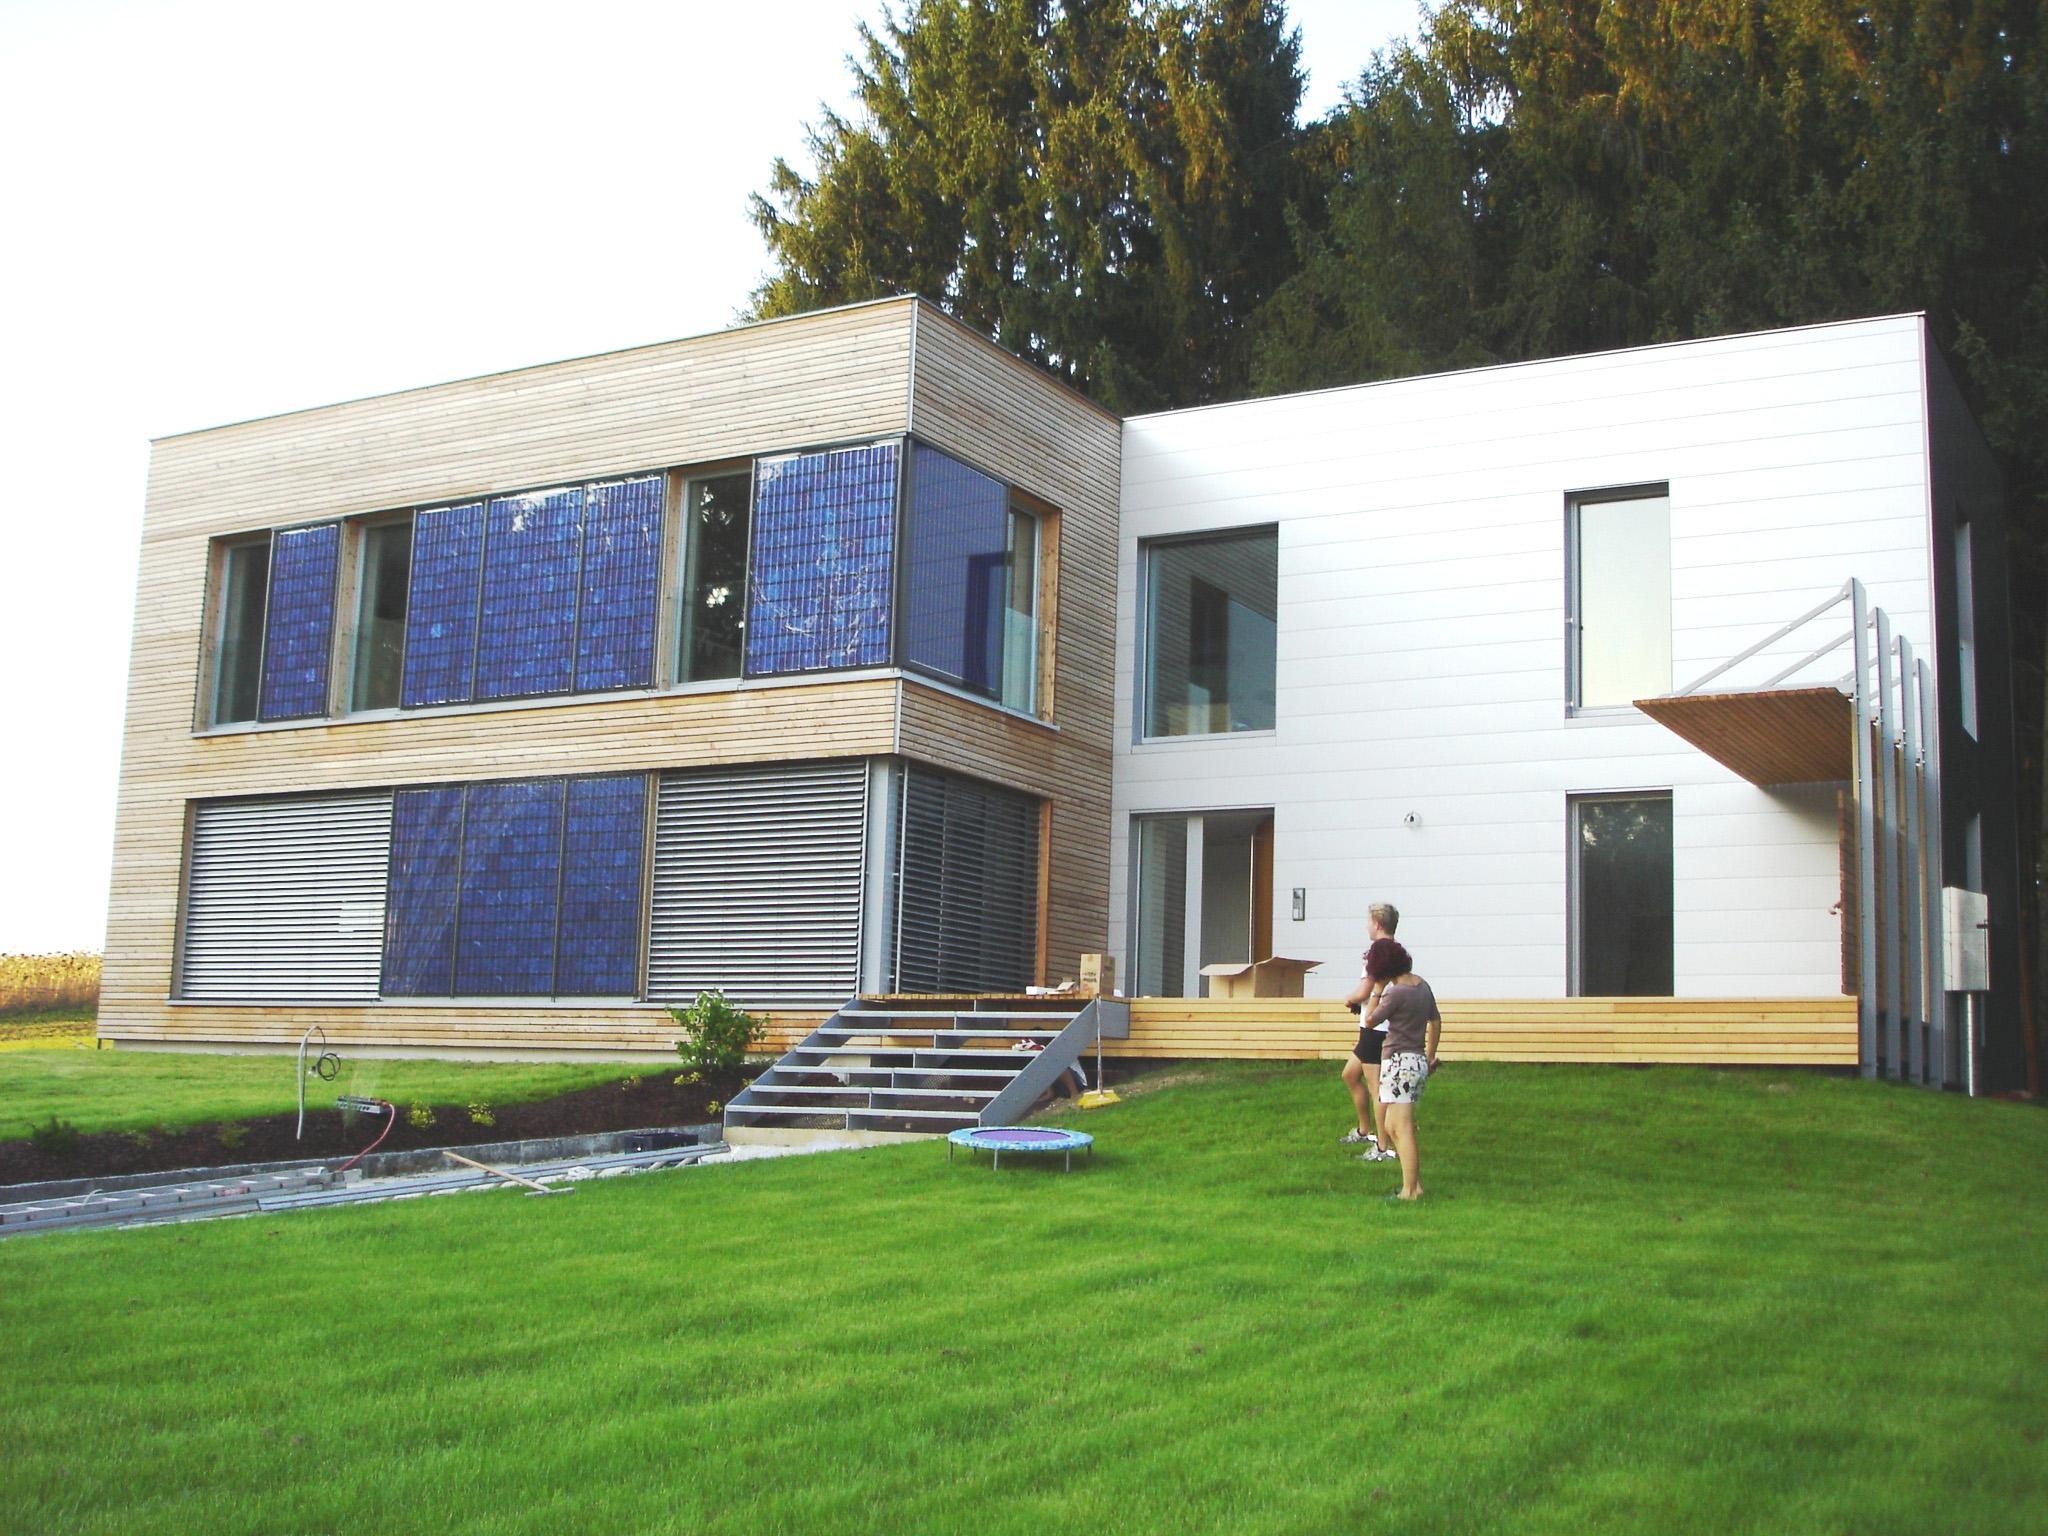 Fassadenintegrierte PV-Anlage © Ertex Solar